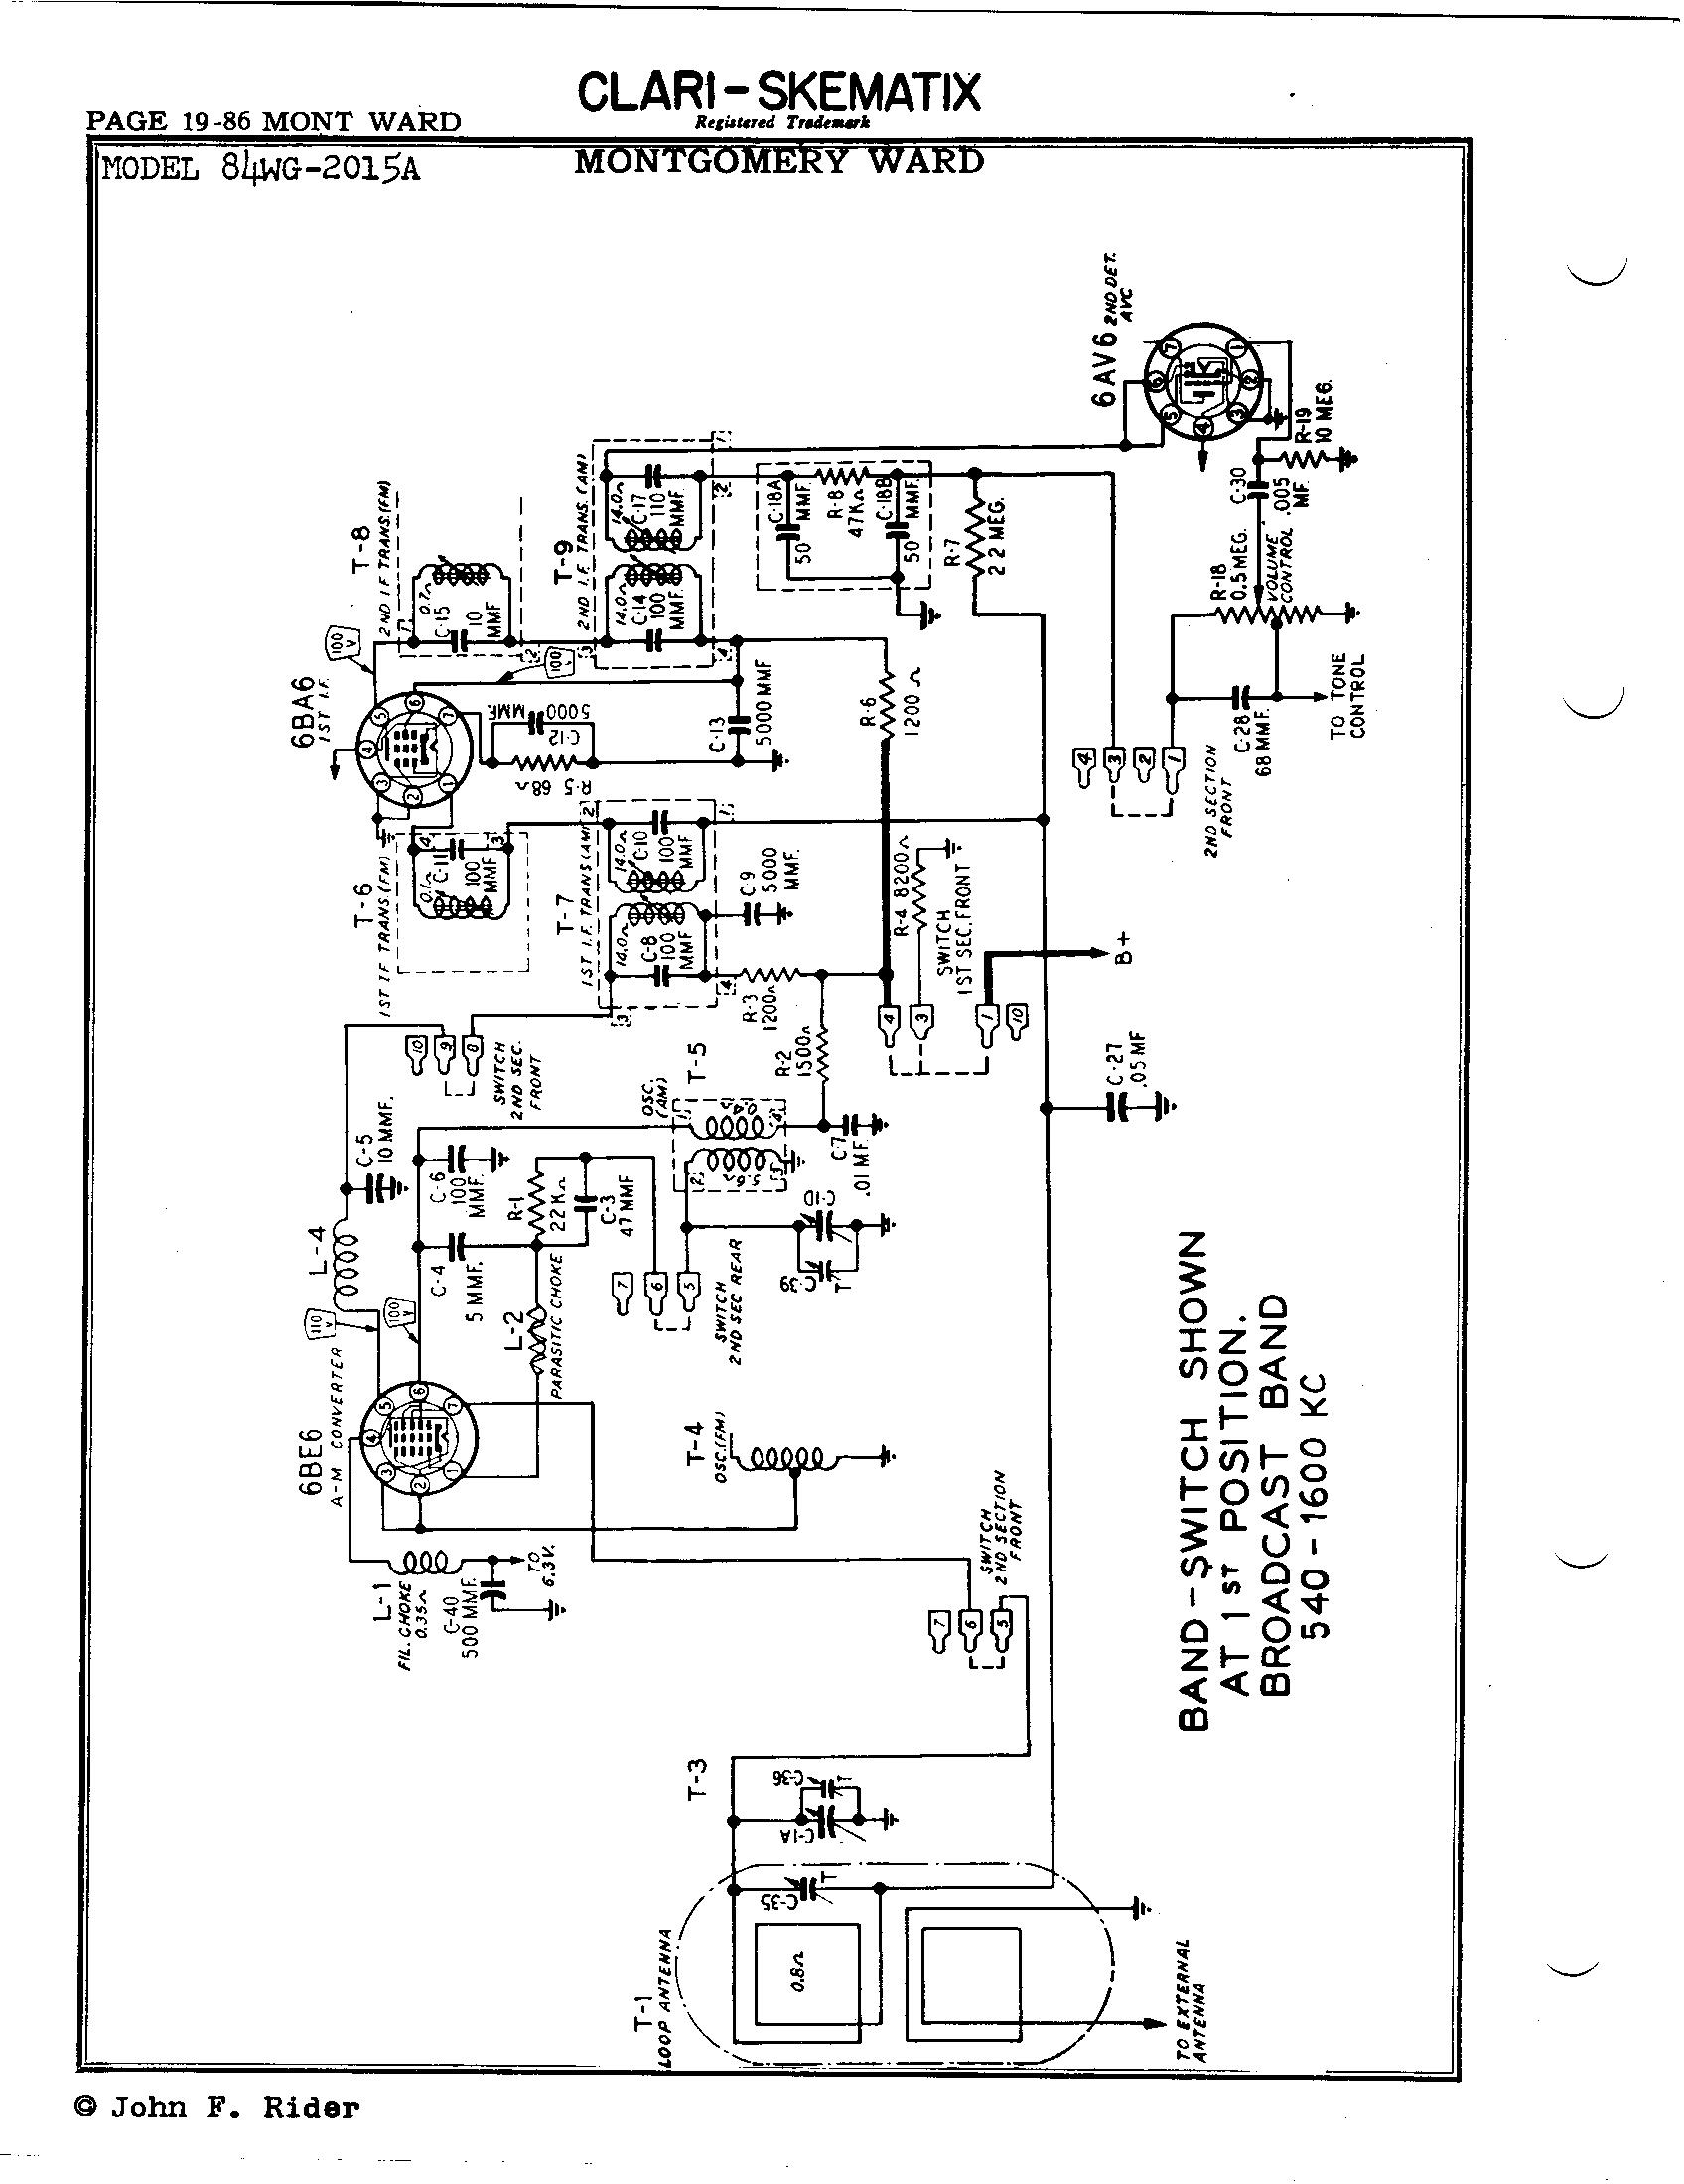 on airline schematics